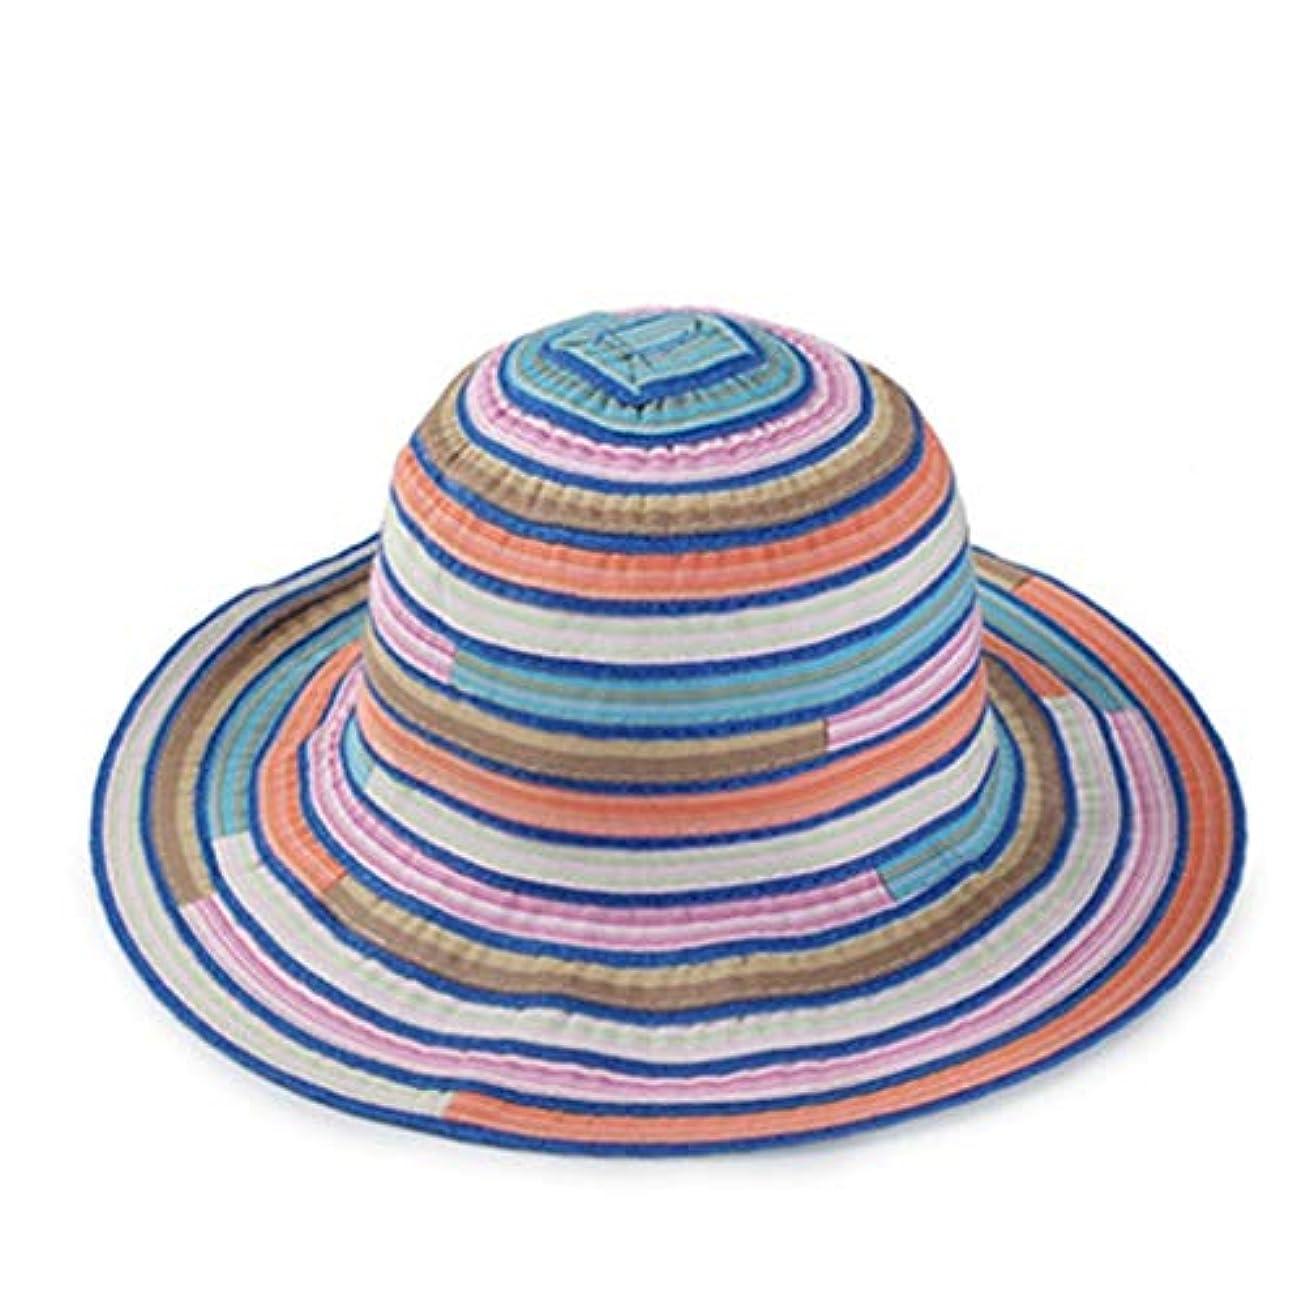 バーゲン大聖堂経験者UVカット 帽子 レディース ハット 旅行用 日よけ 夏季 日焼け 折りたたみ 持ち運び つば広 リボン付き 調節テープ ストライプ 柄 キャップ 通気性抜群 日除け UVカット 紫外線対策 ROSE ROMAN